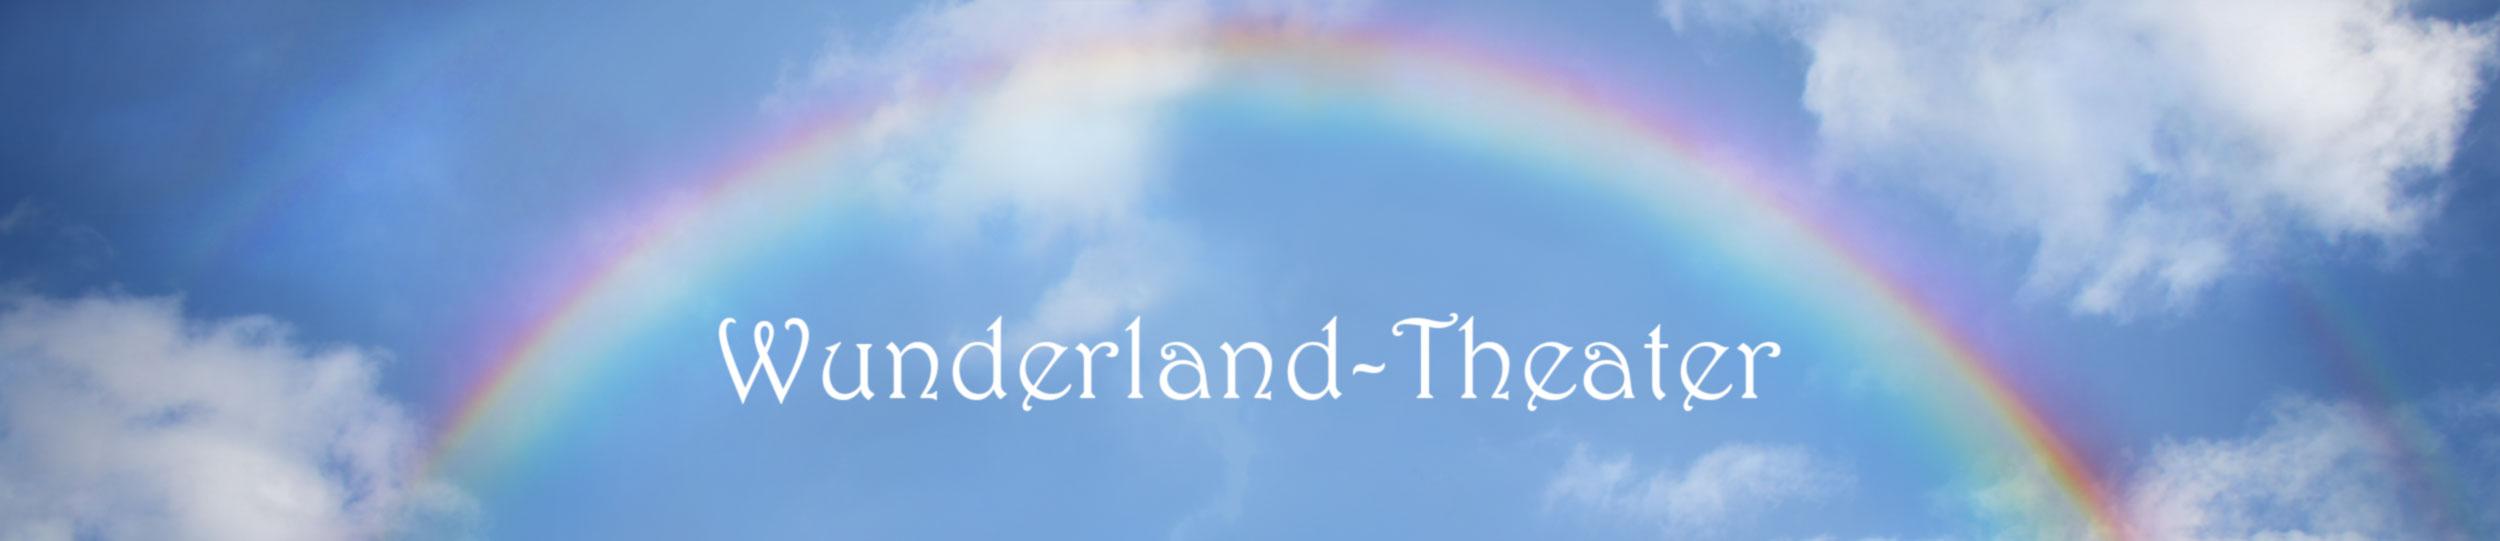 Wunderland Theater - Kindertheater, amüsante Walcakts und Unterhaltung mit viel Musik